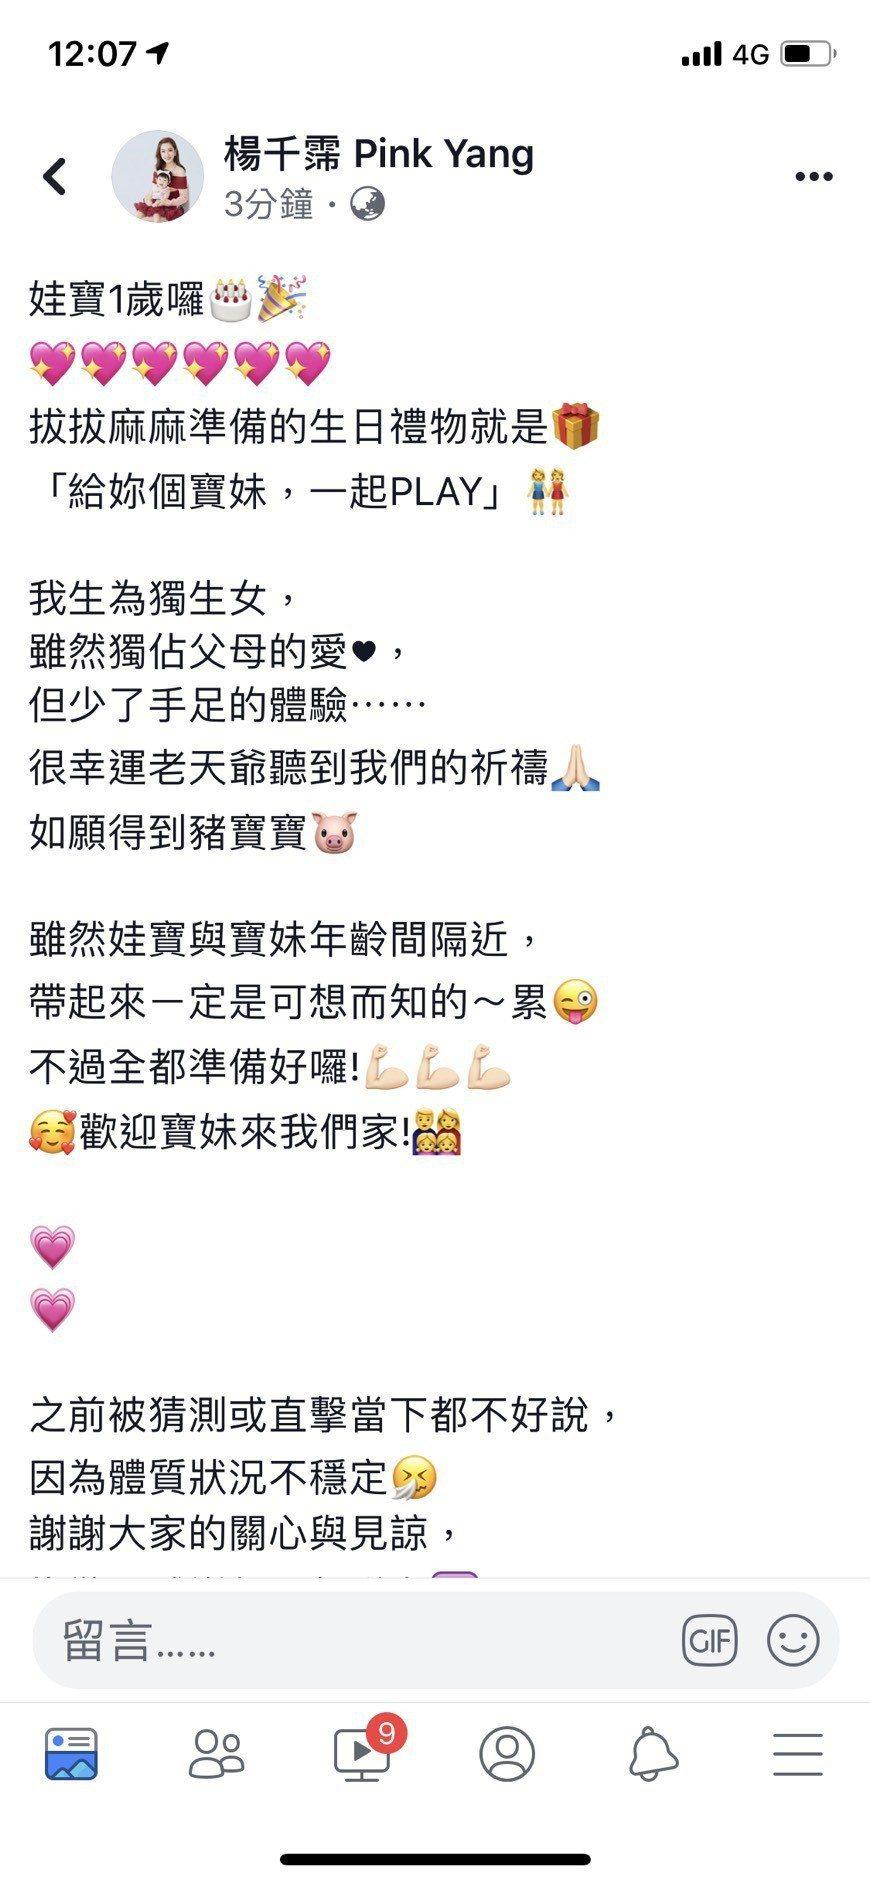 楊千霈在臉書公開懷孕喜訊。圖/摘自臉書